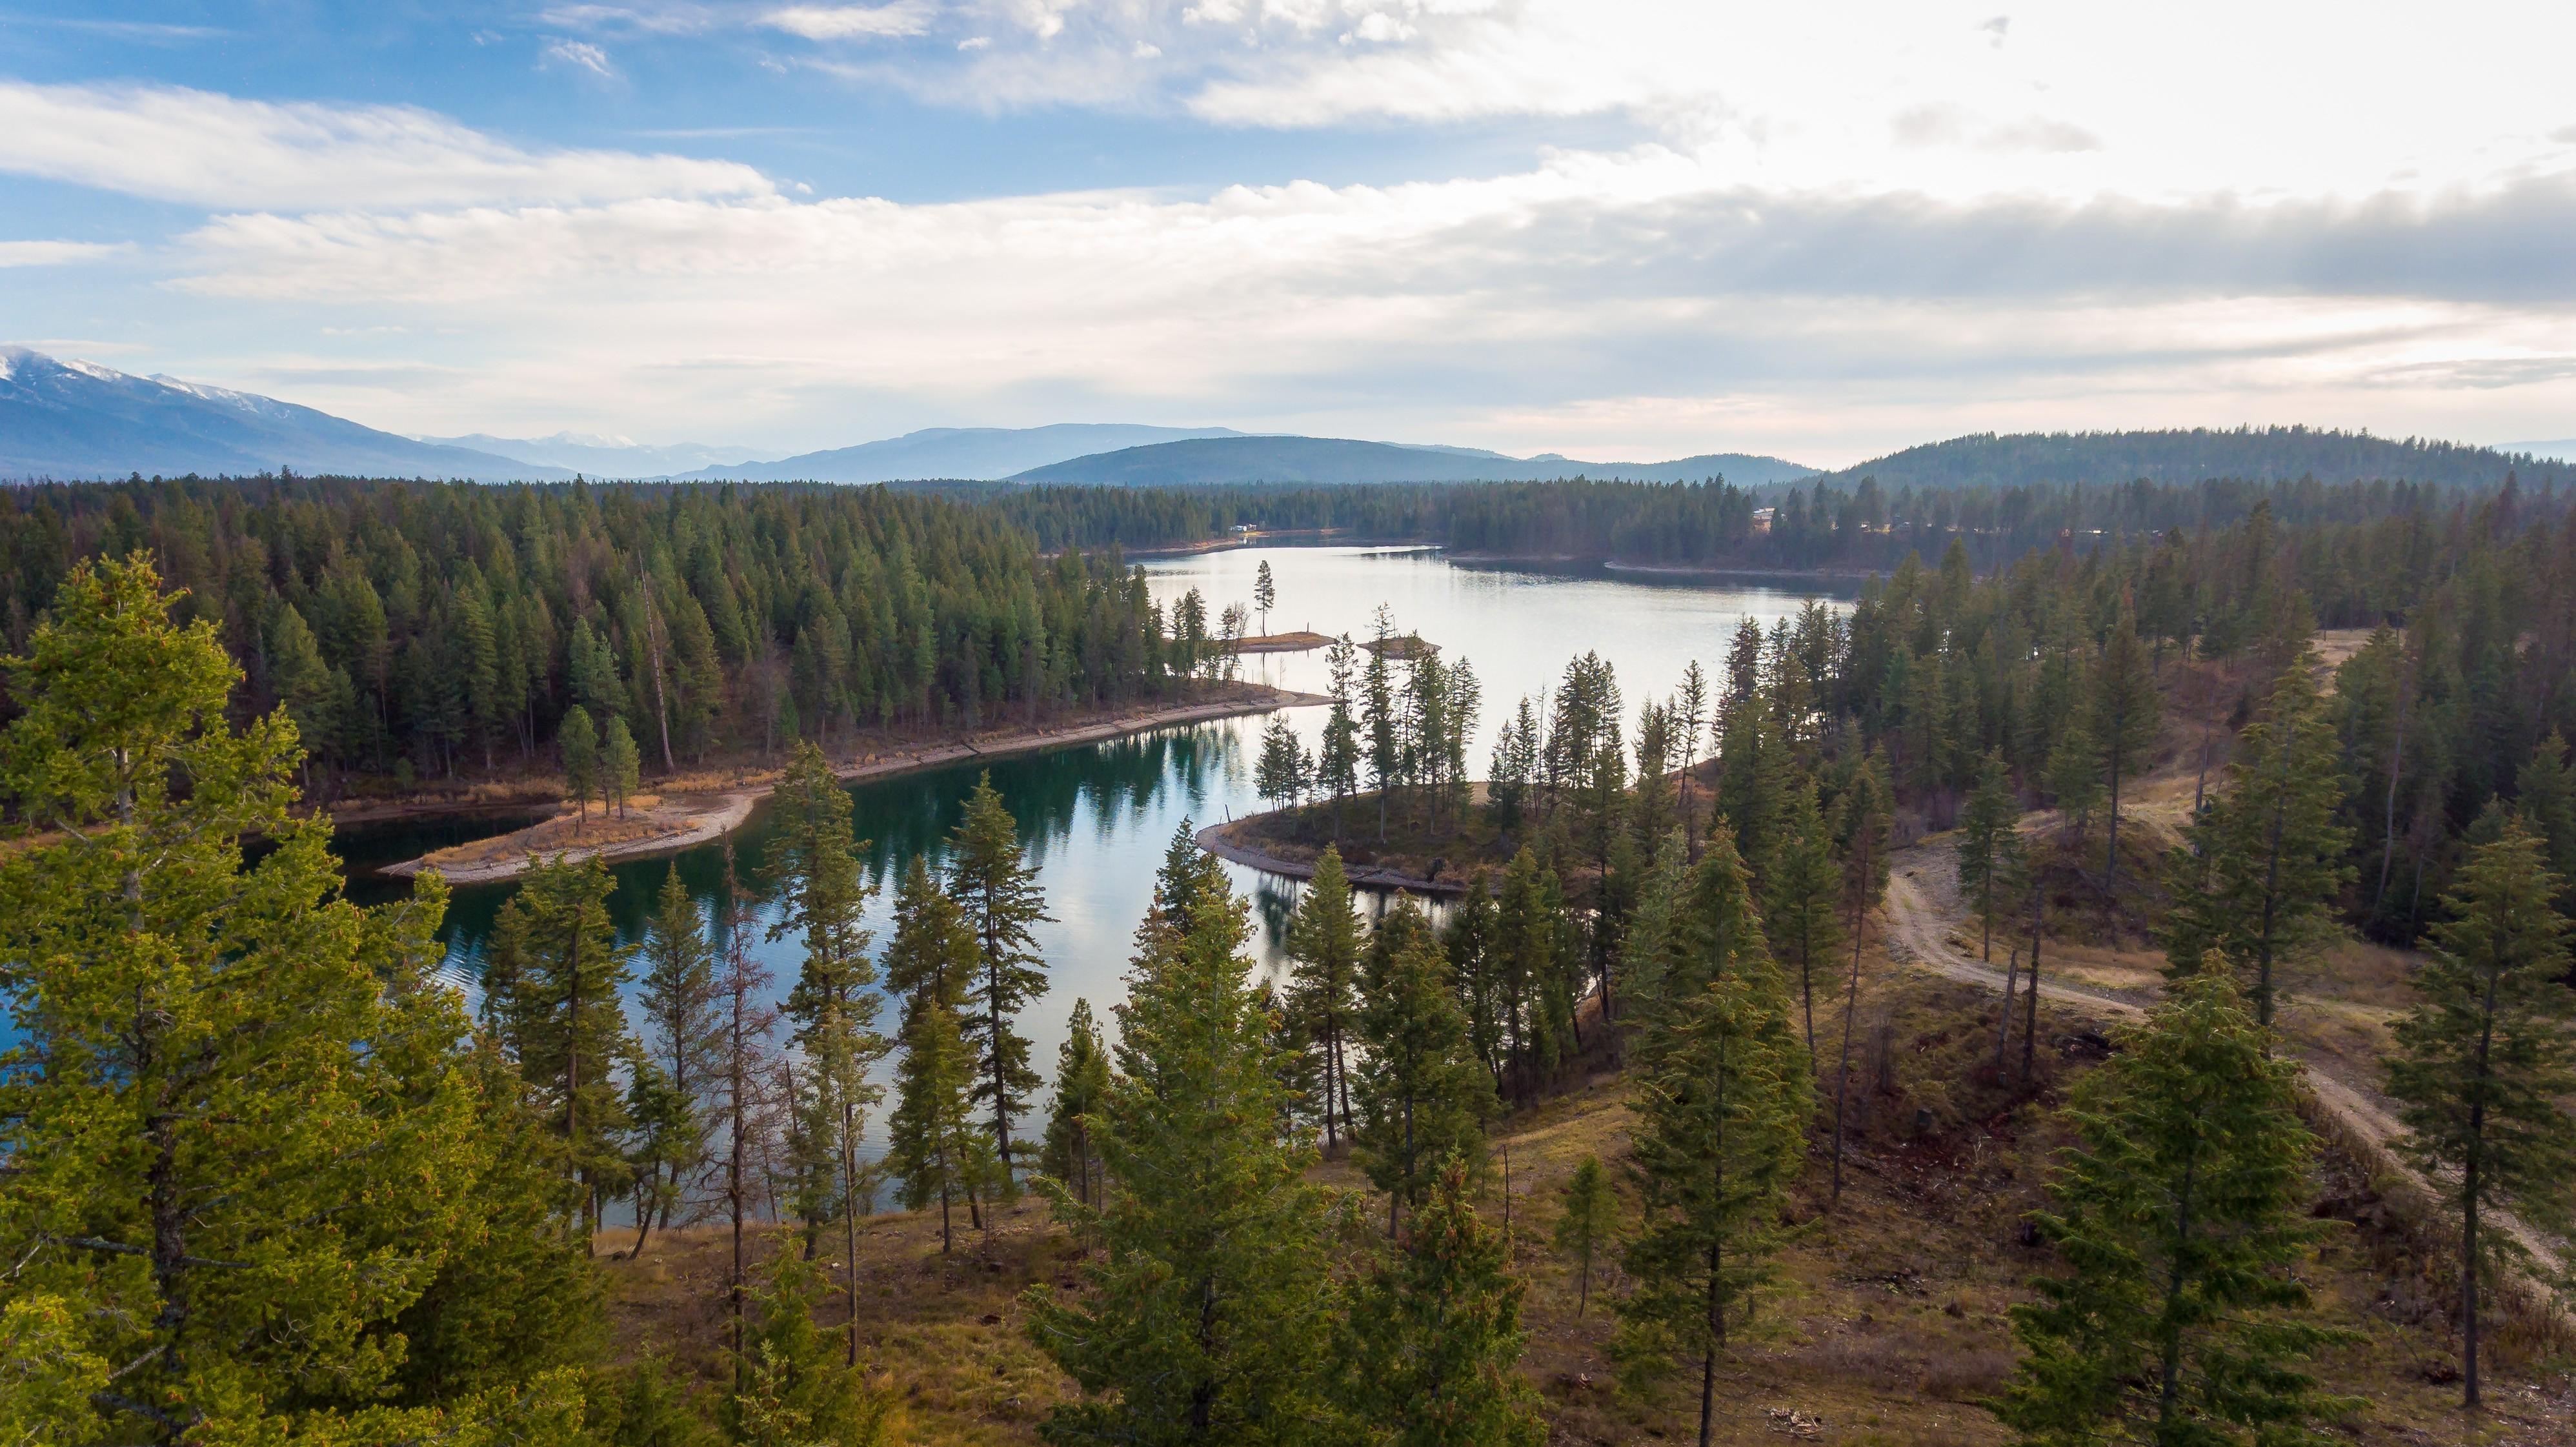 토지 용 매매 에 Petersen Lake Nhn Echo Lake Trl Bigfork, 몬타나, 59911 미국